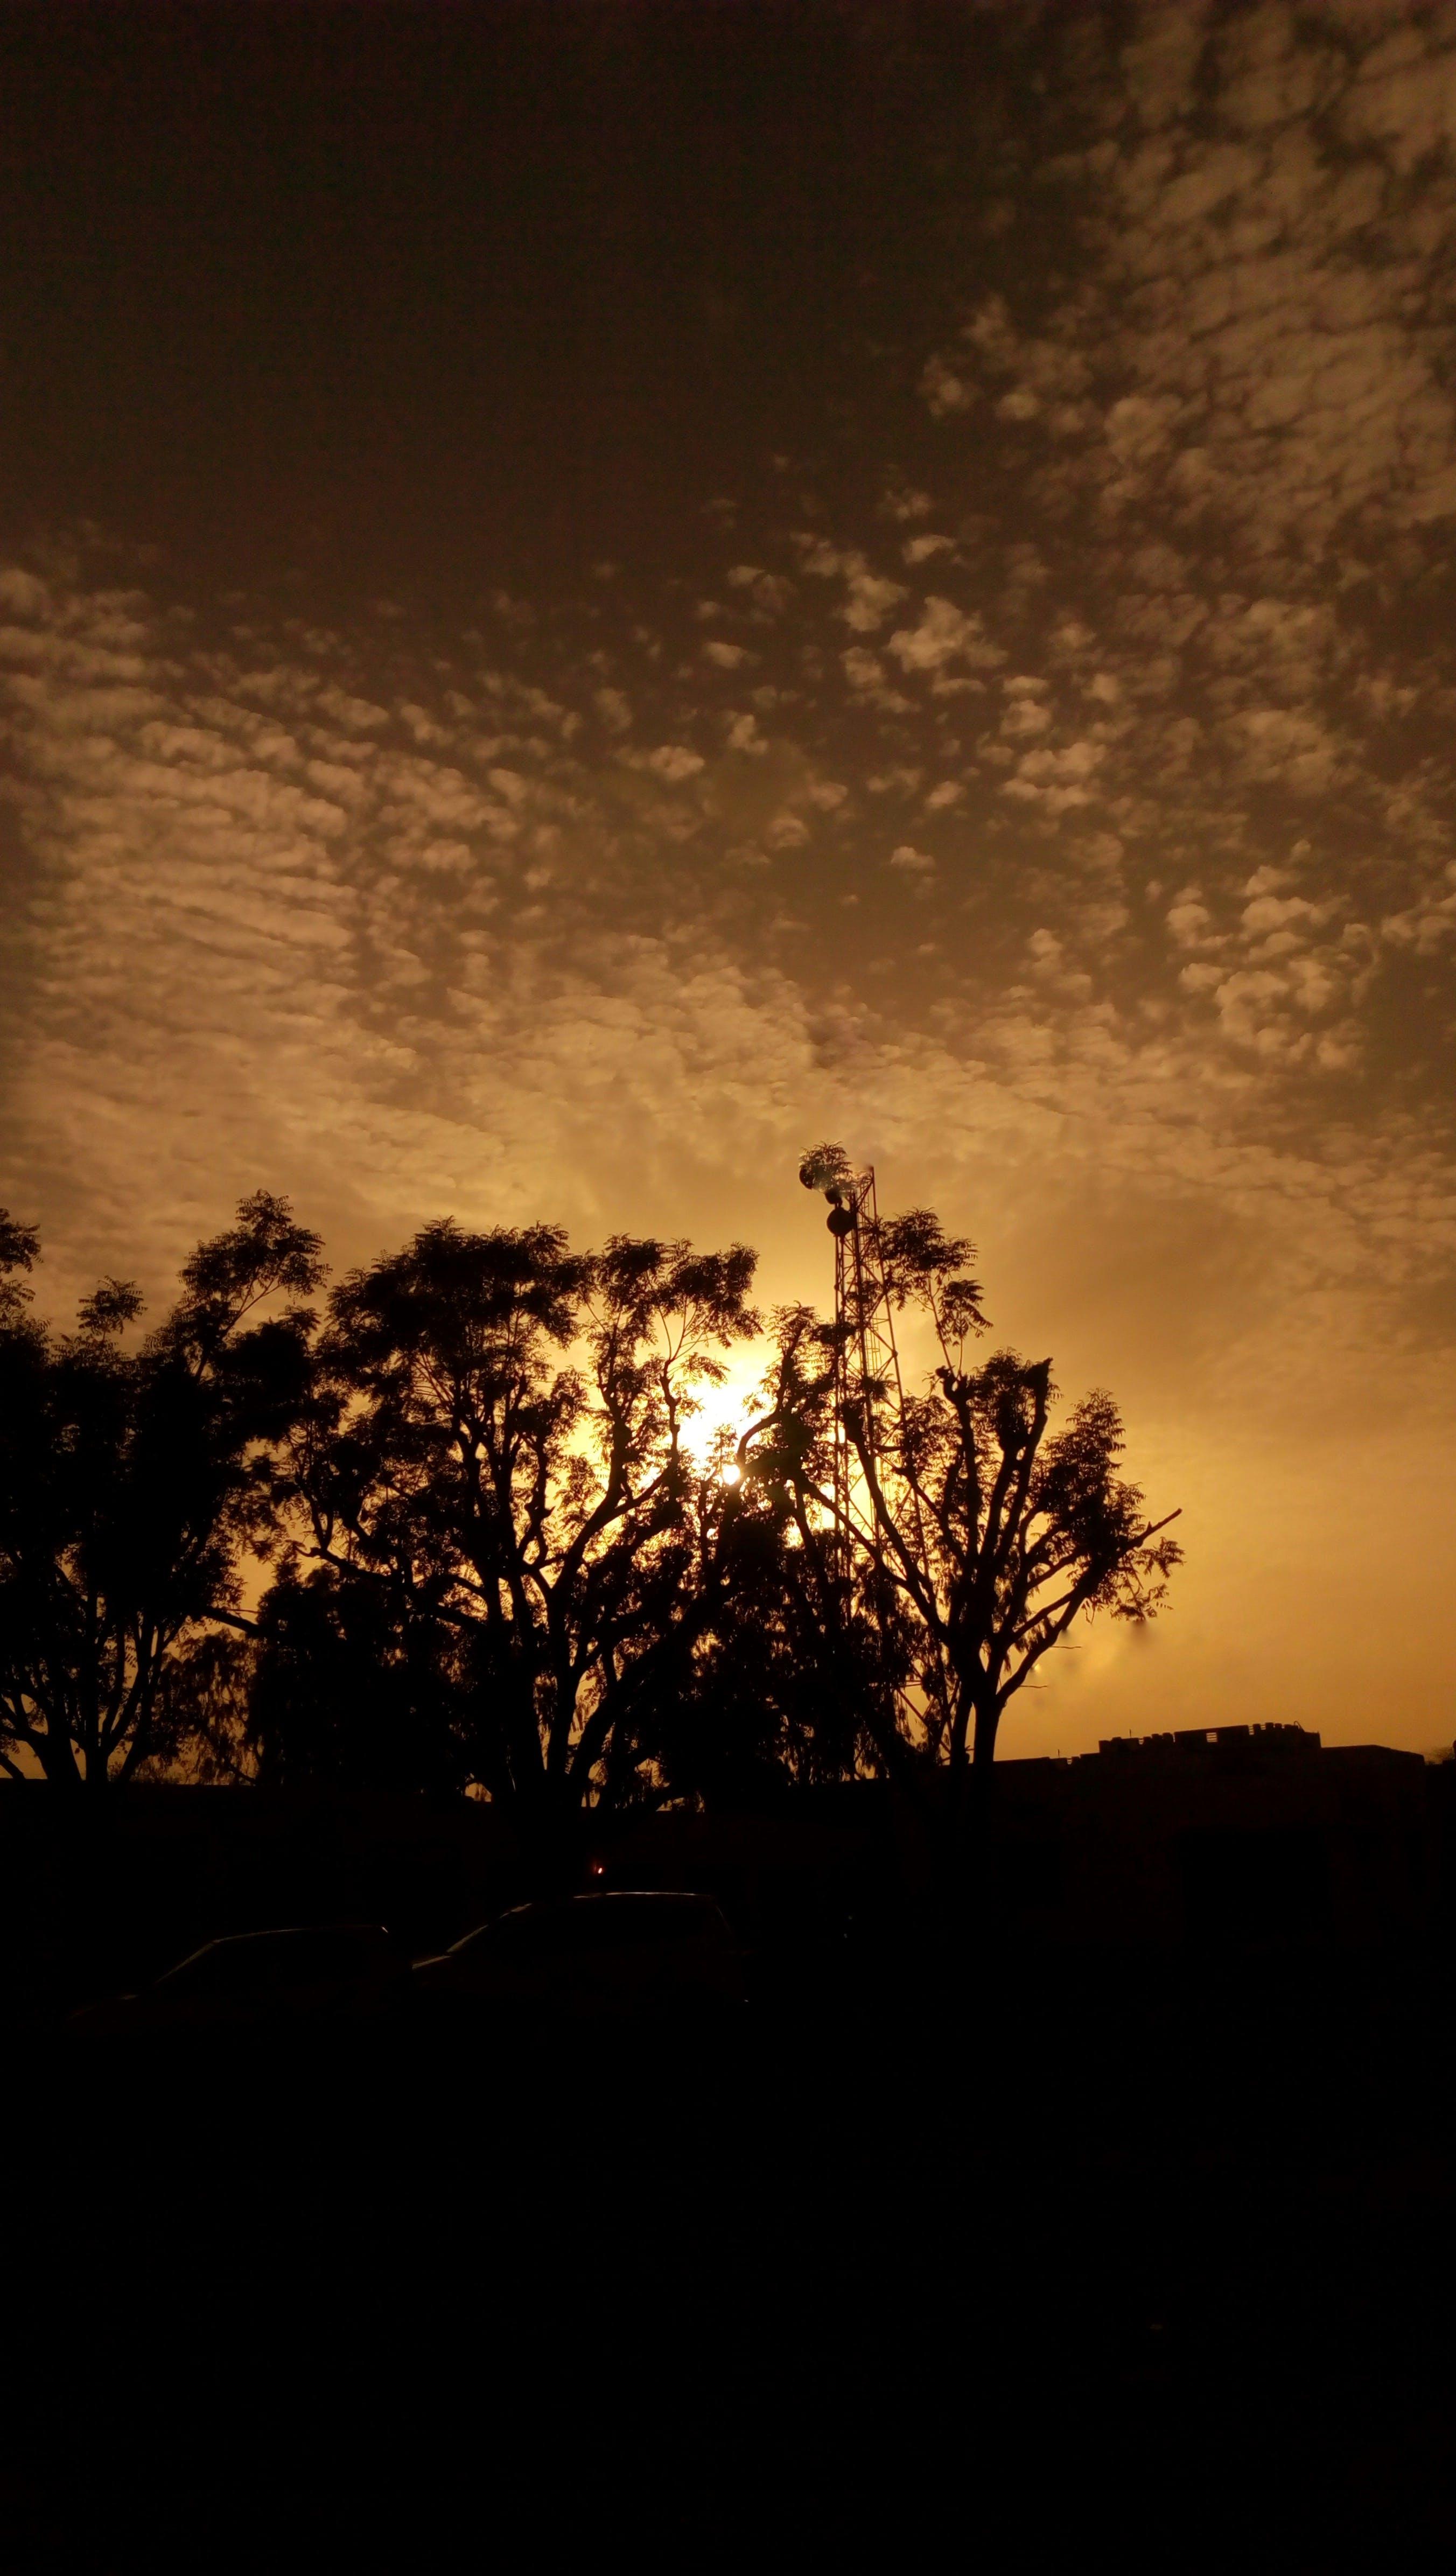 Gratis stockfoto met #bookstagram #illumination #tree #trees #eveningwa, #eveninglight #eveningmood #evenloopmaand #atuur #n